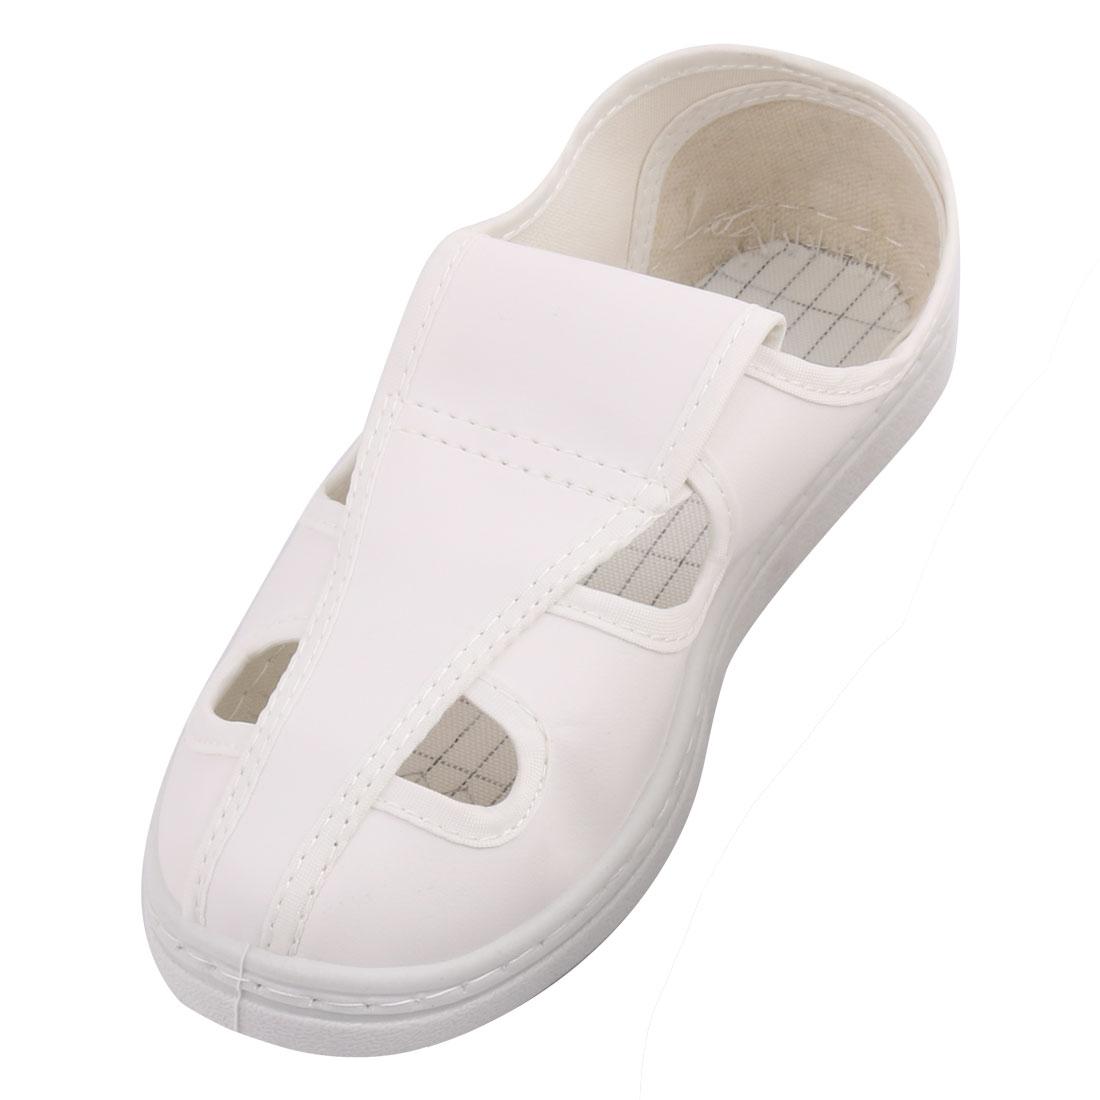 US5.5 UK3.5 EU35 PU Hard Bottom Nonslip Flat Sole Anti-static 4-Hole Leather Shoes